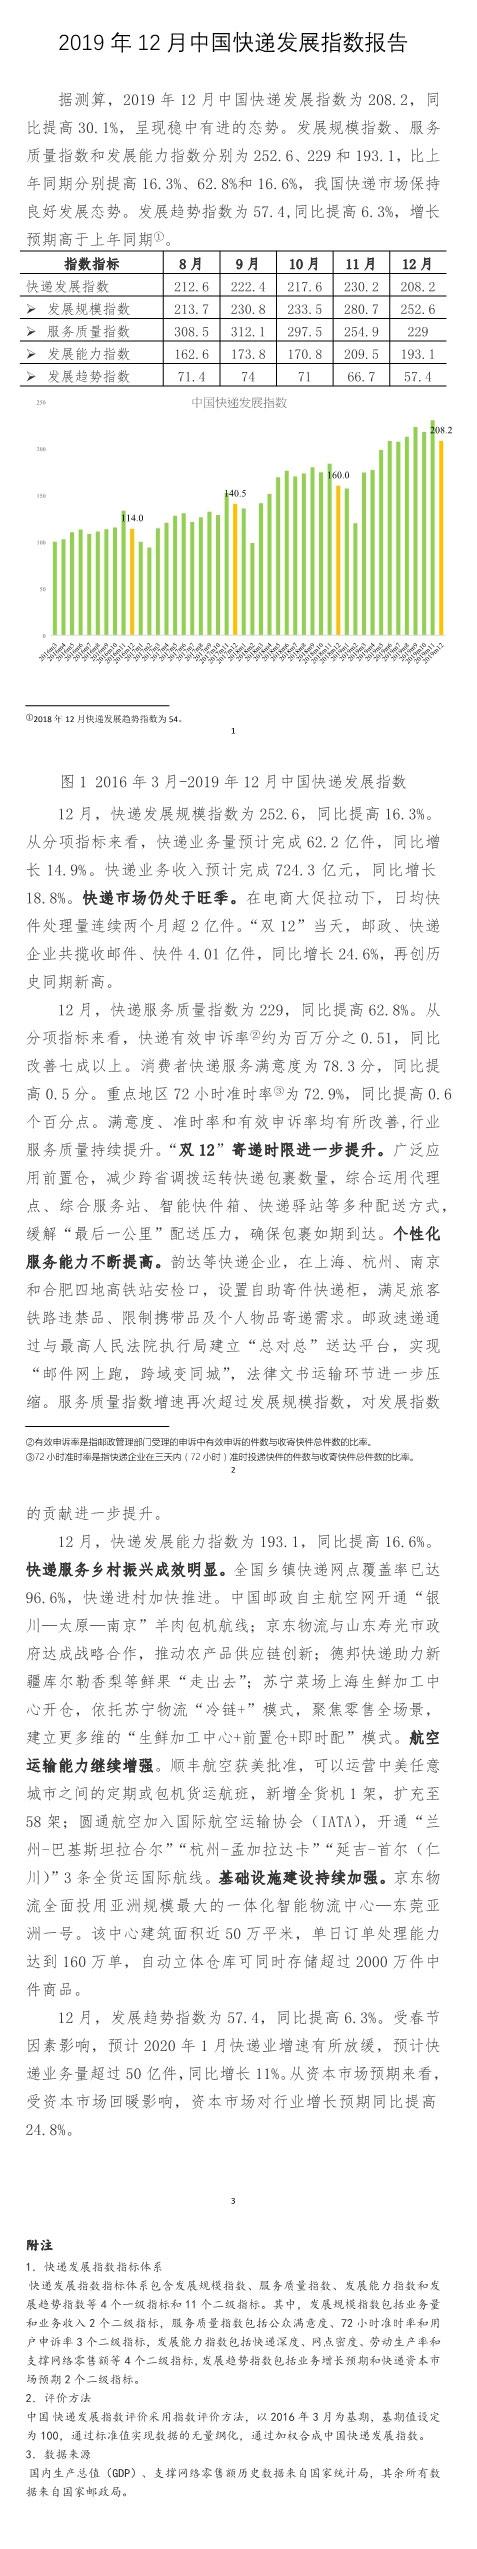 2019年12月中国快递发展指数为208.2